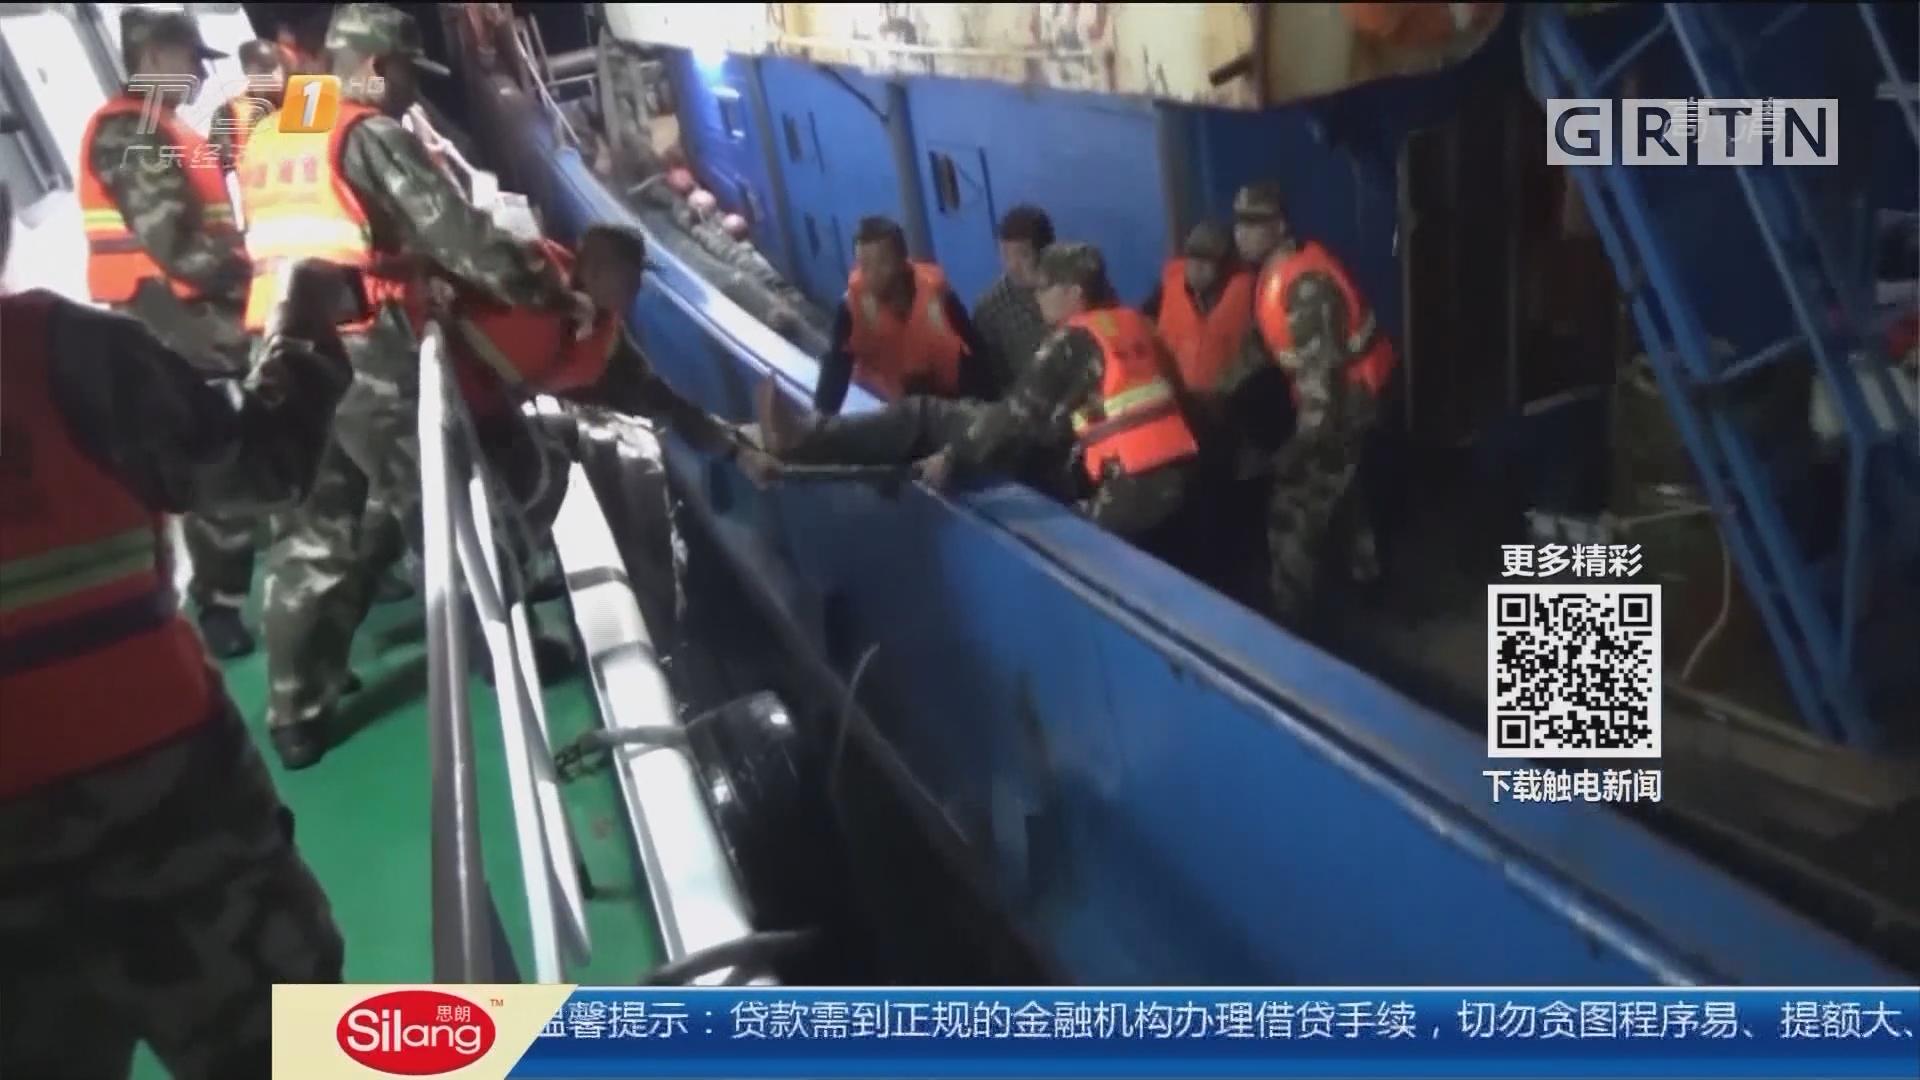 汕头:渔民操作不慎受伤 海警连夜火速搜救